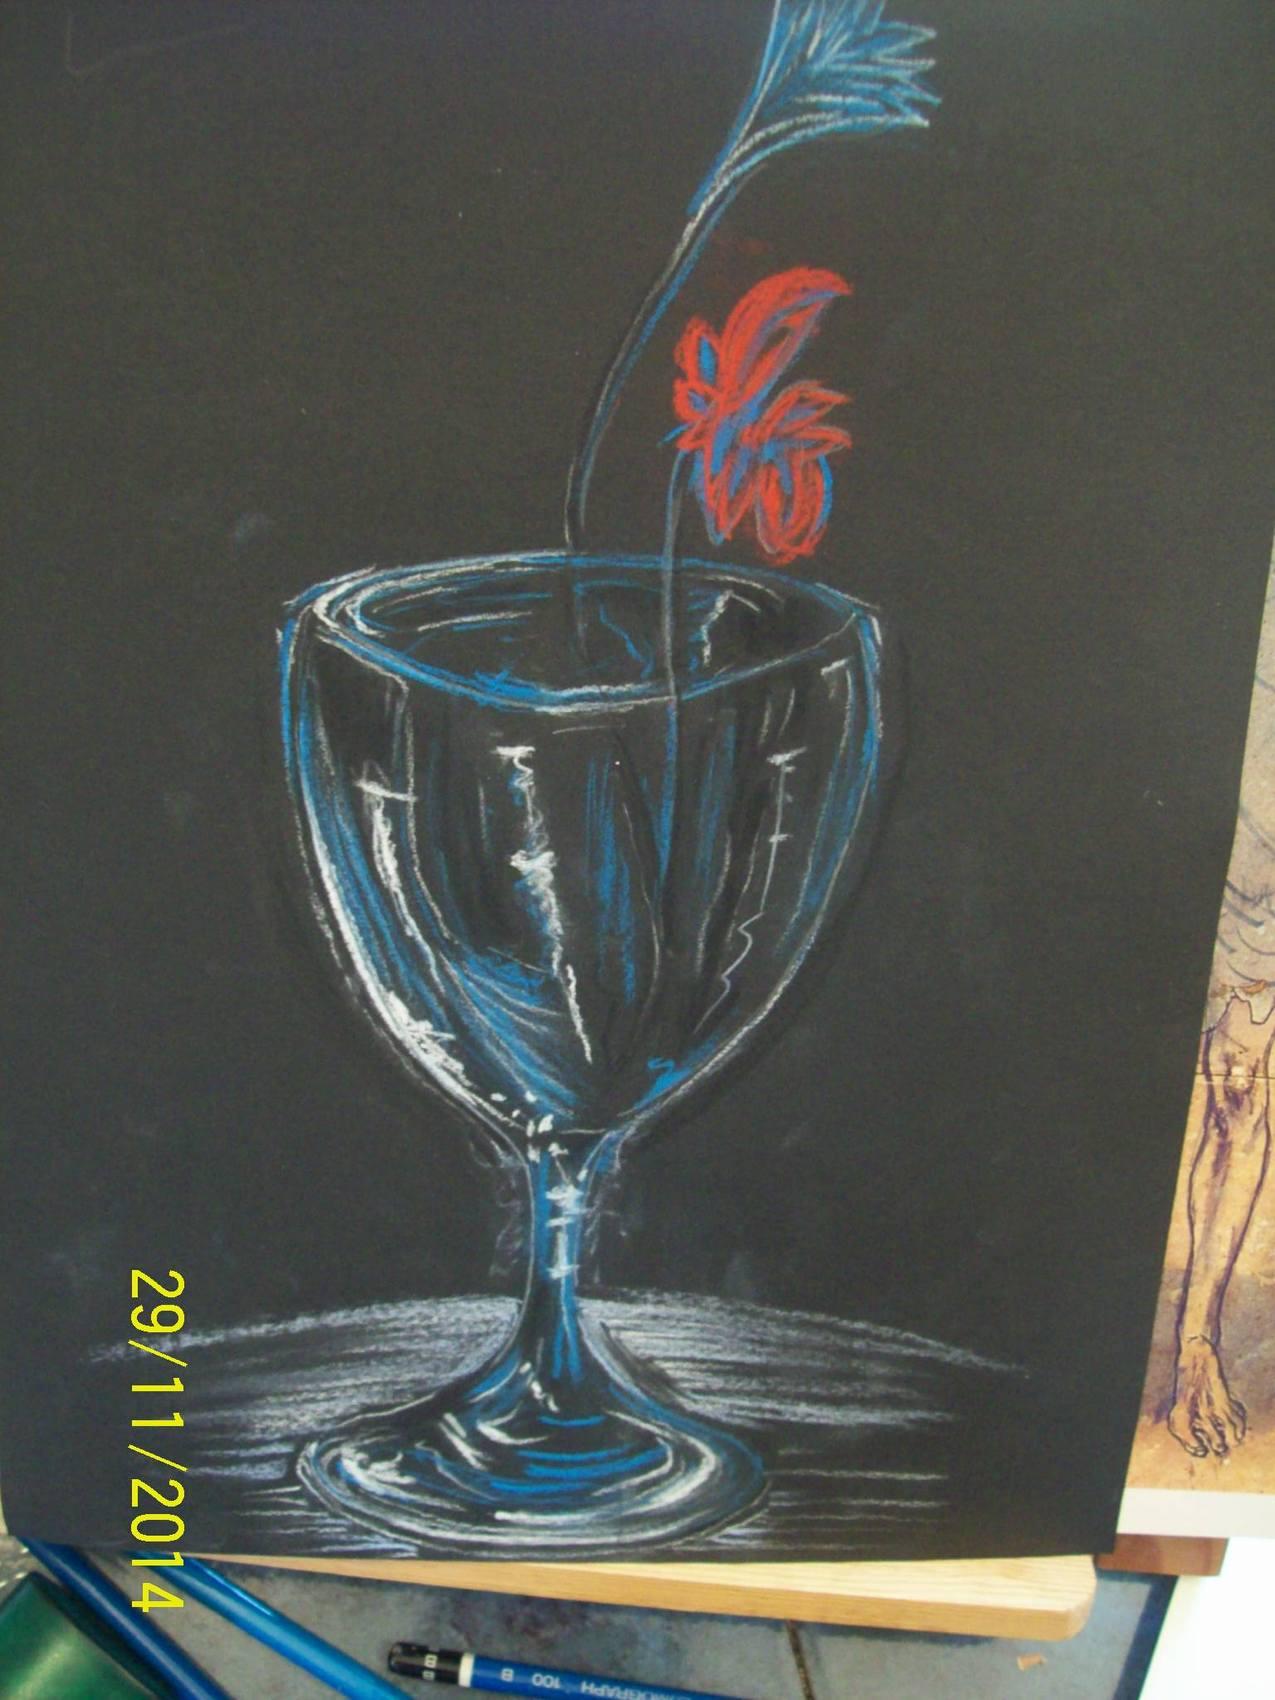 peinture reproduction d 39 oeuvre de picasso le verre bleu. Black Bedroom Furniture Sets. Home Design Ideas